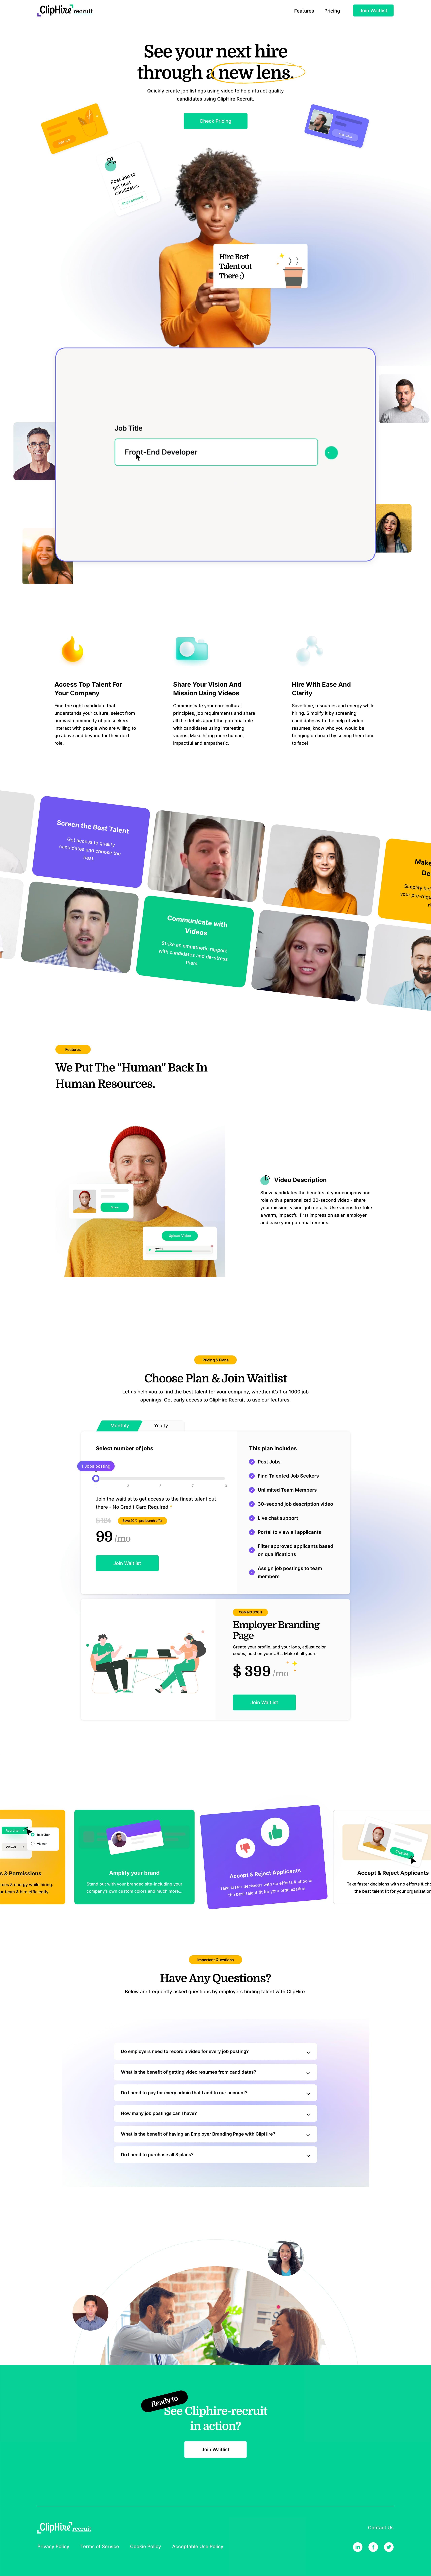 ClipHire Recruit Website Screenshot